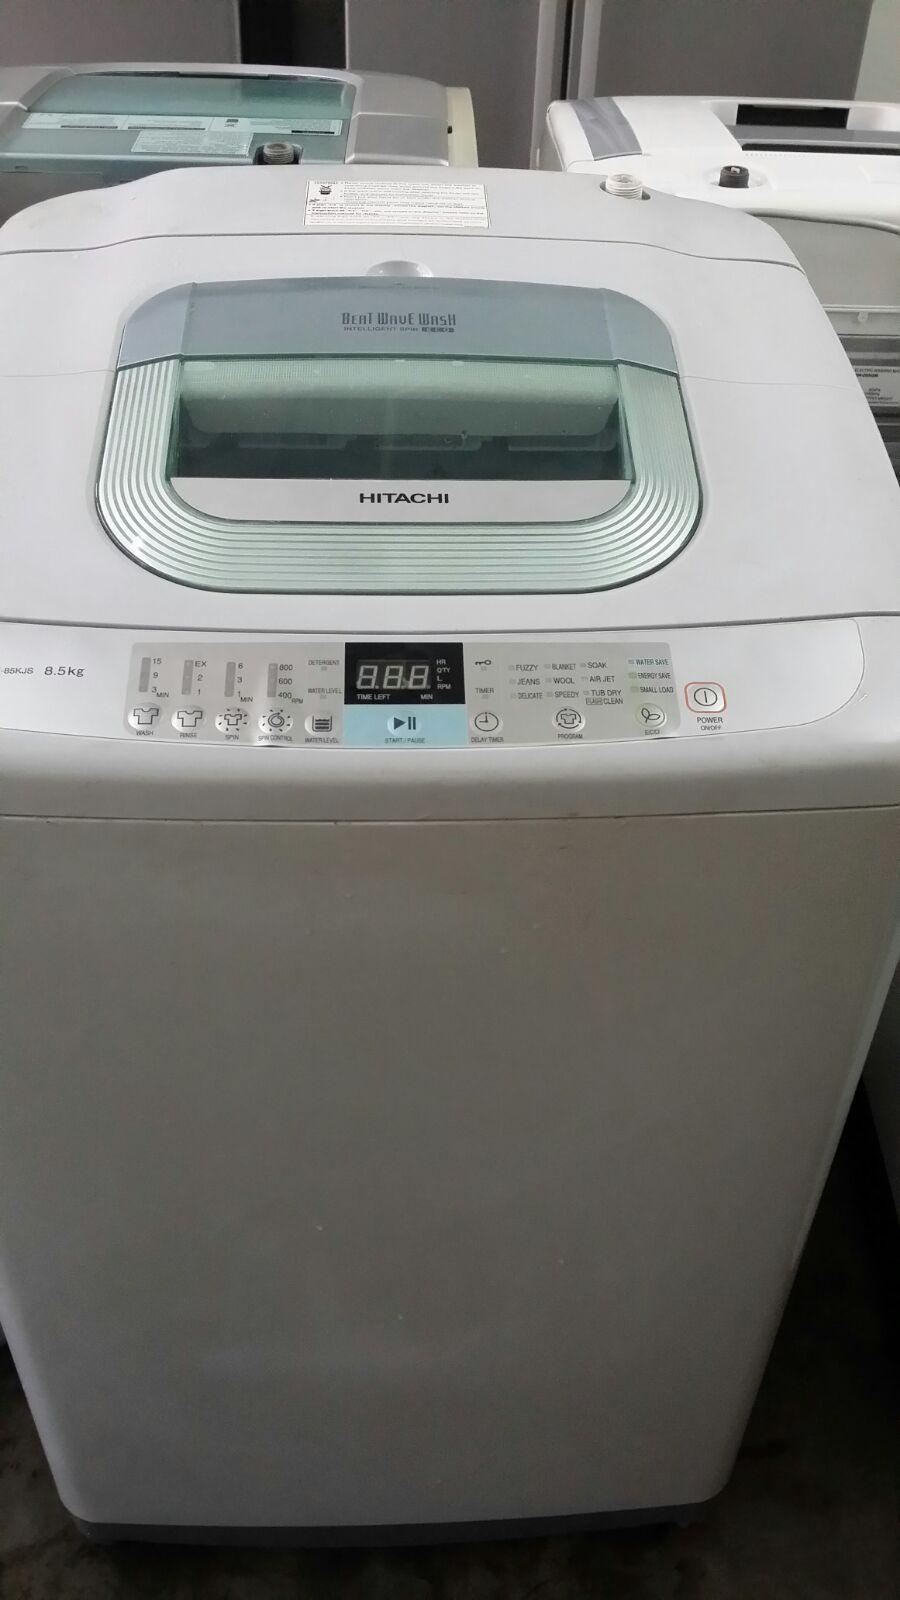 hitachi washing machine. auto hitachi 8.5kg washing machine mesin basuh top load refurbish